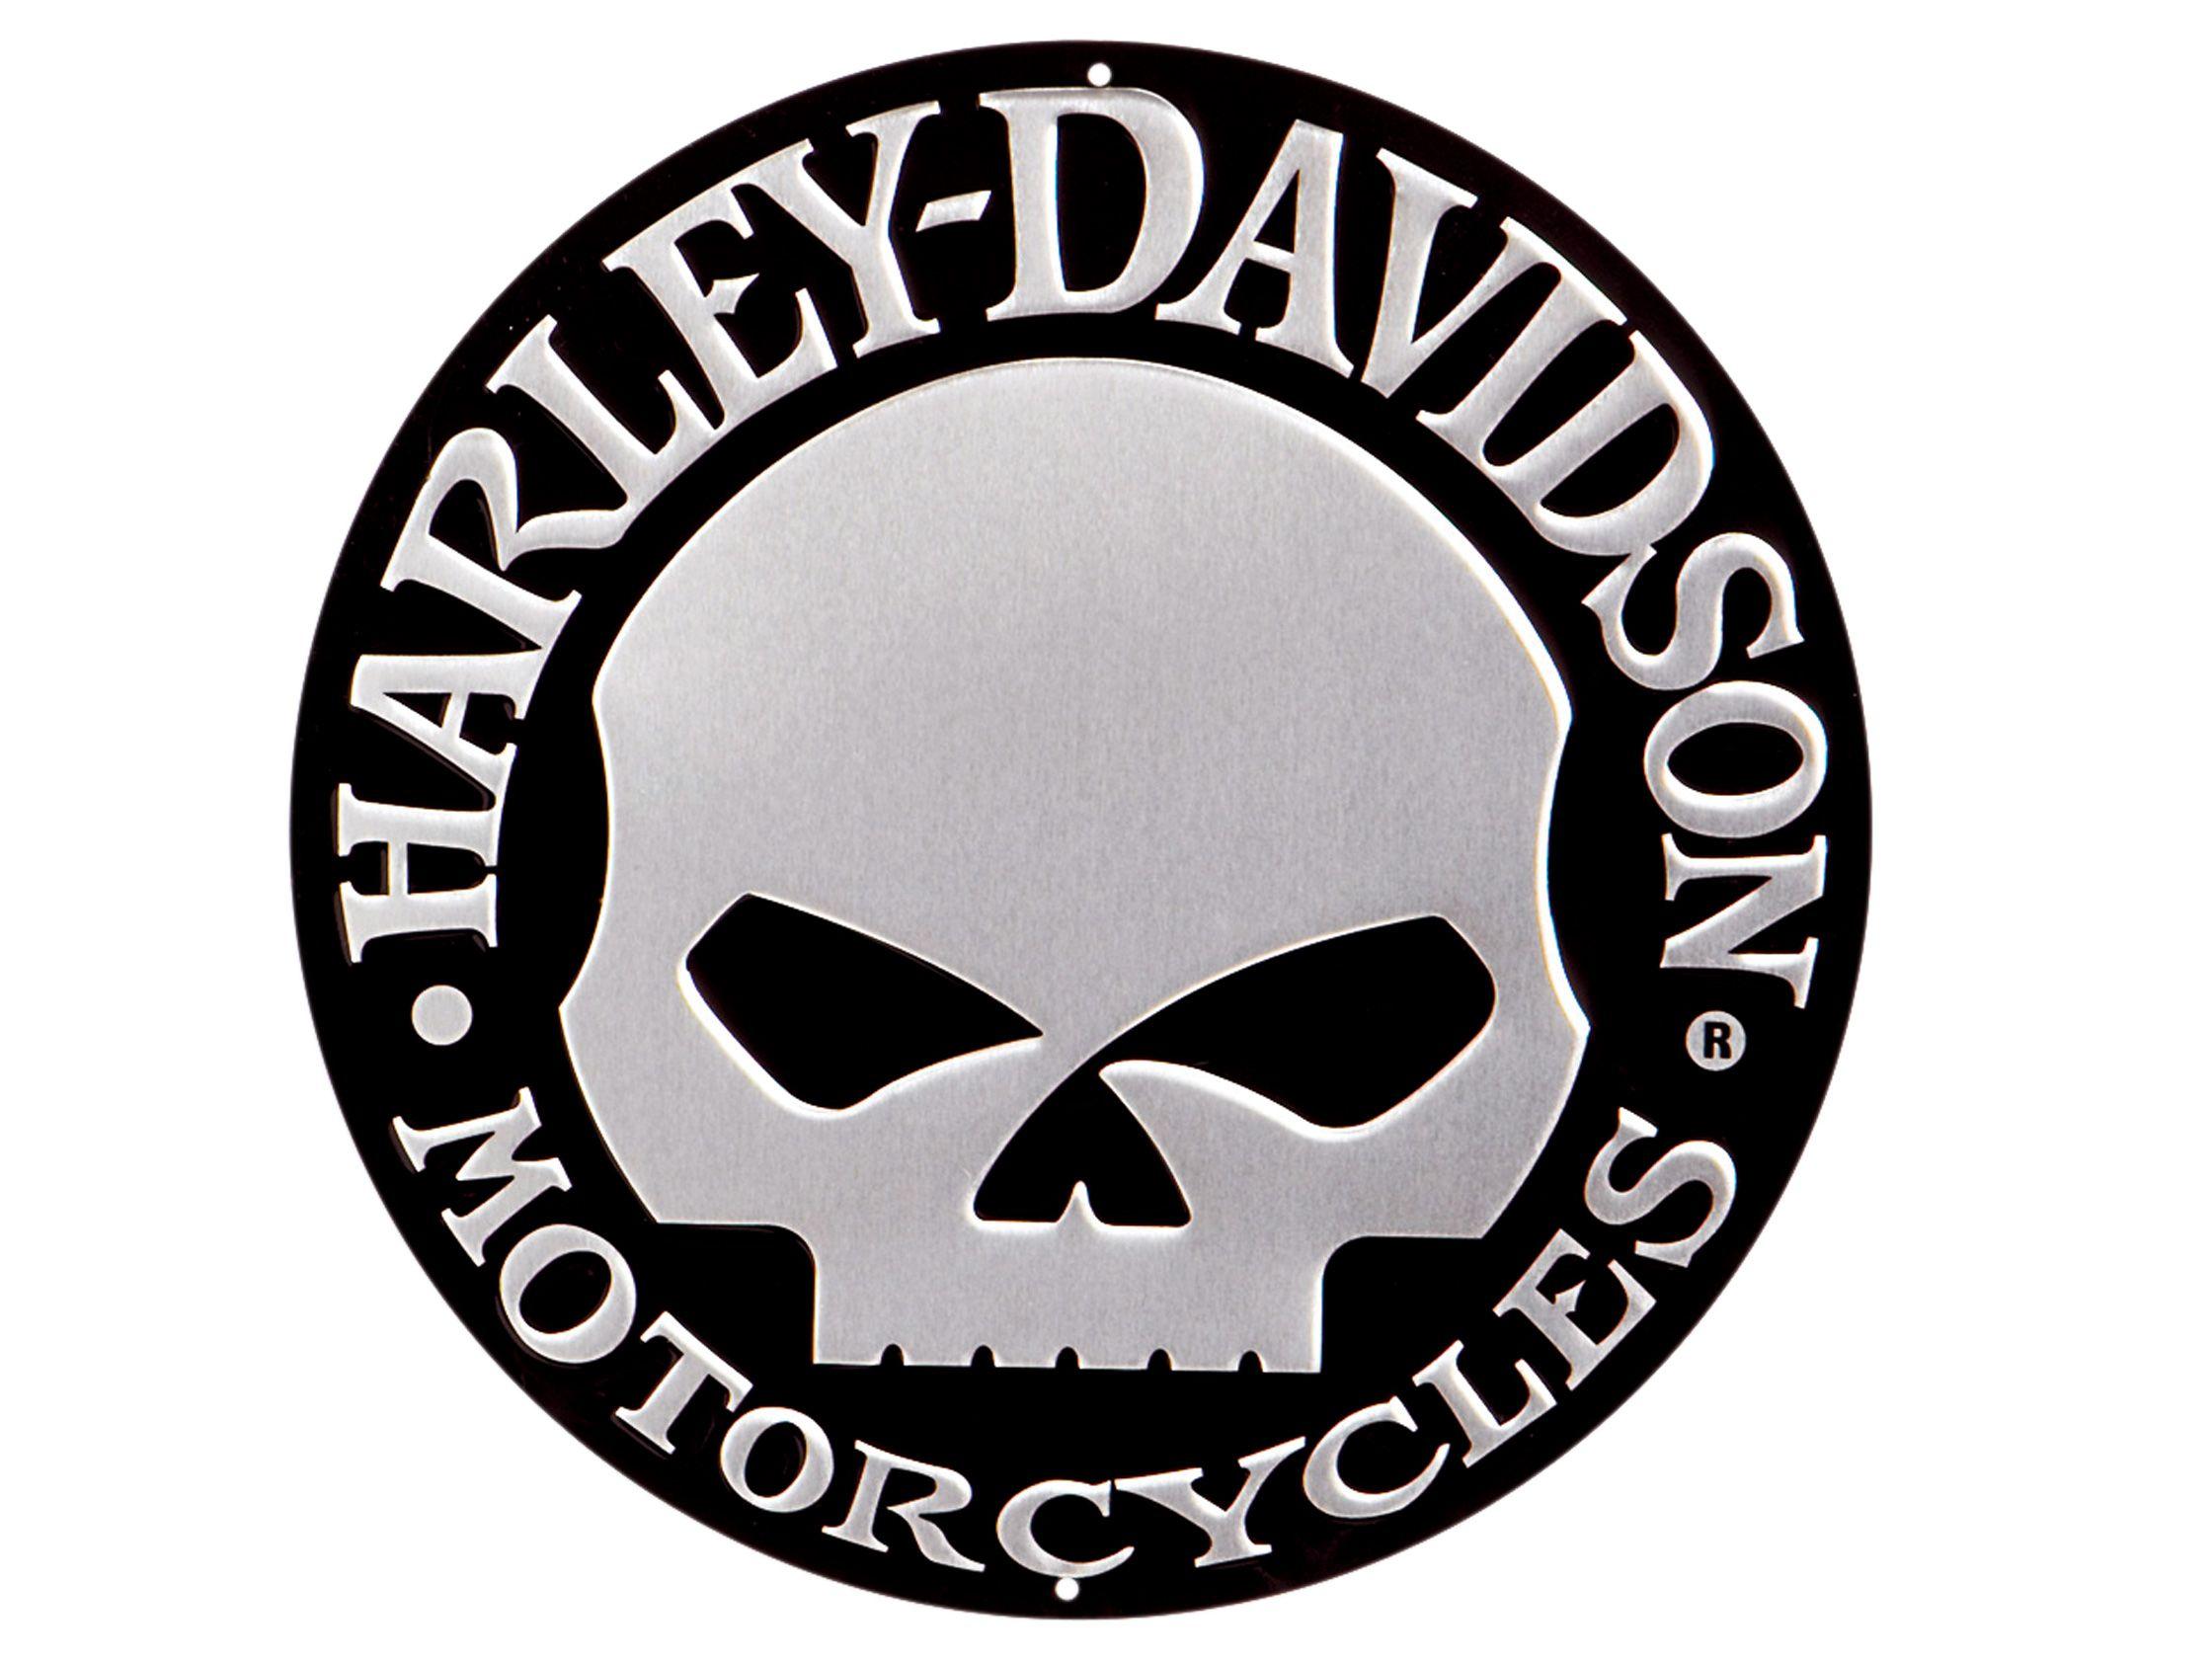 Harley davidson number 1 skull logo background 1 hd wallpapers harley davidson number 1 skull logo background 1 hd wallpapers voltagebd Images